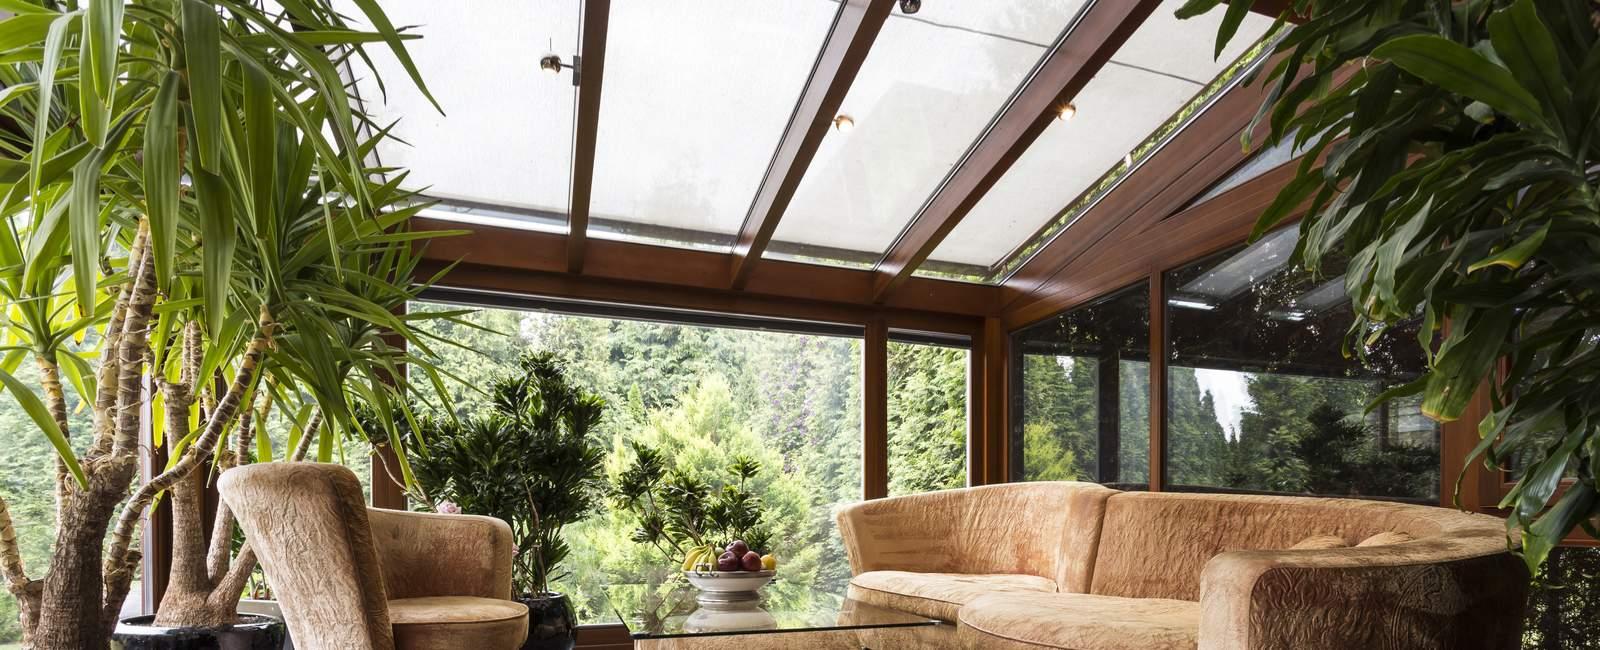 v randa ouverte ou avec toit ouvrant conseils travaux. Black Bedroom Furniture Sets. Home Design Ideas